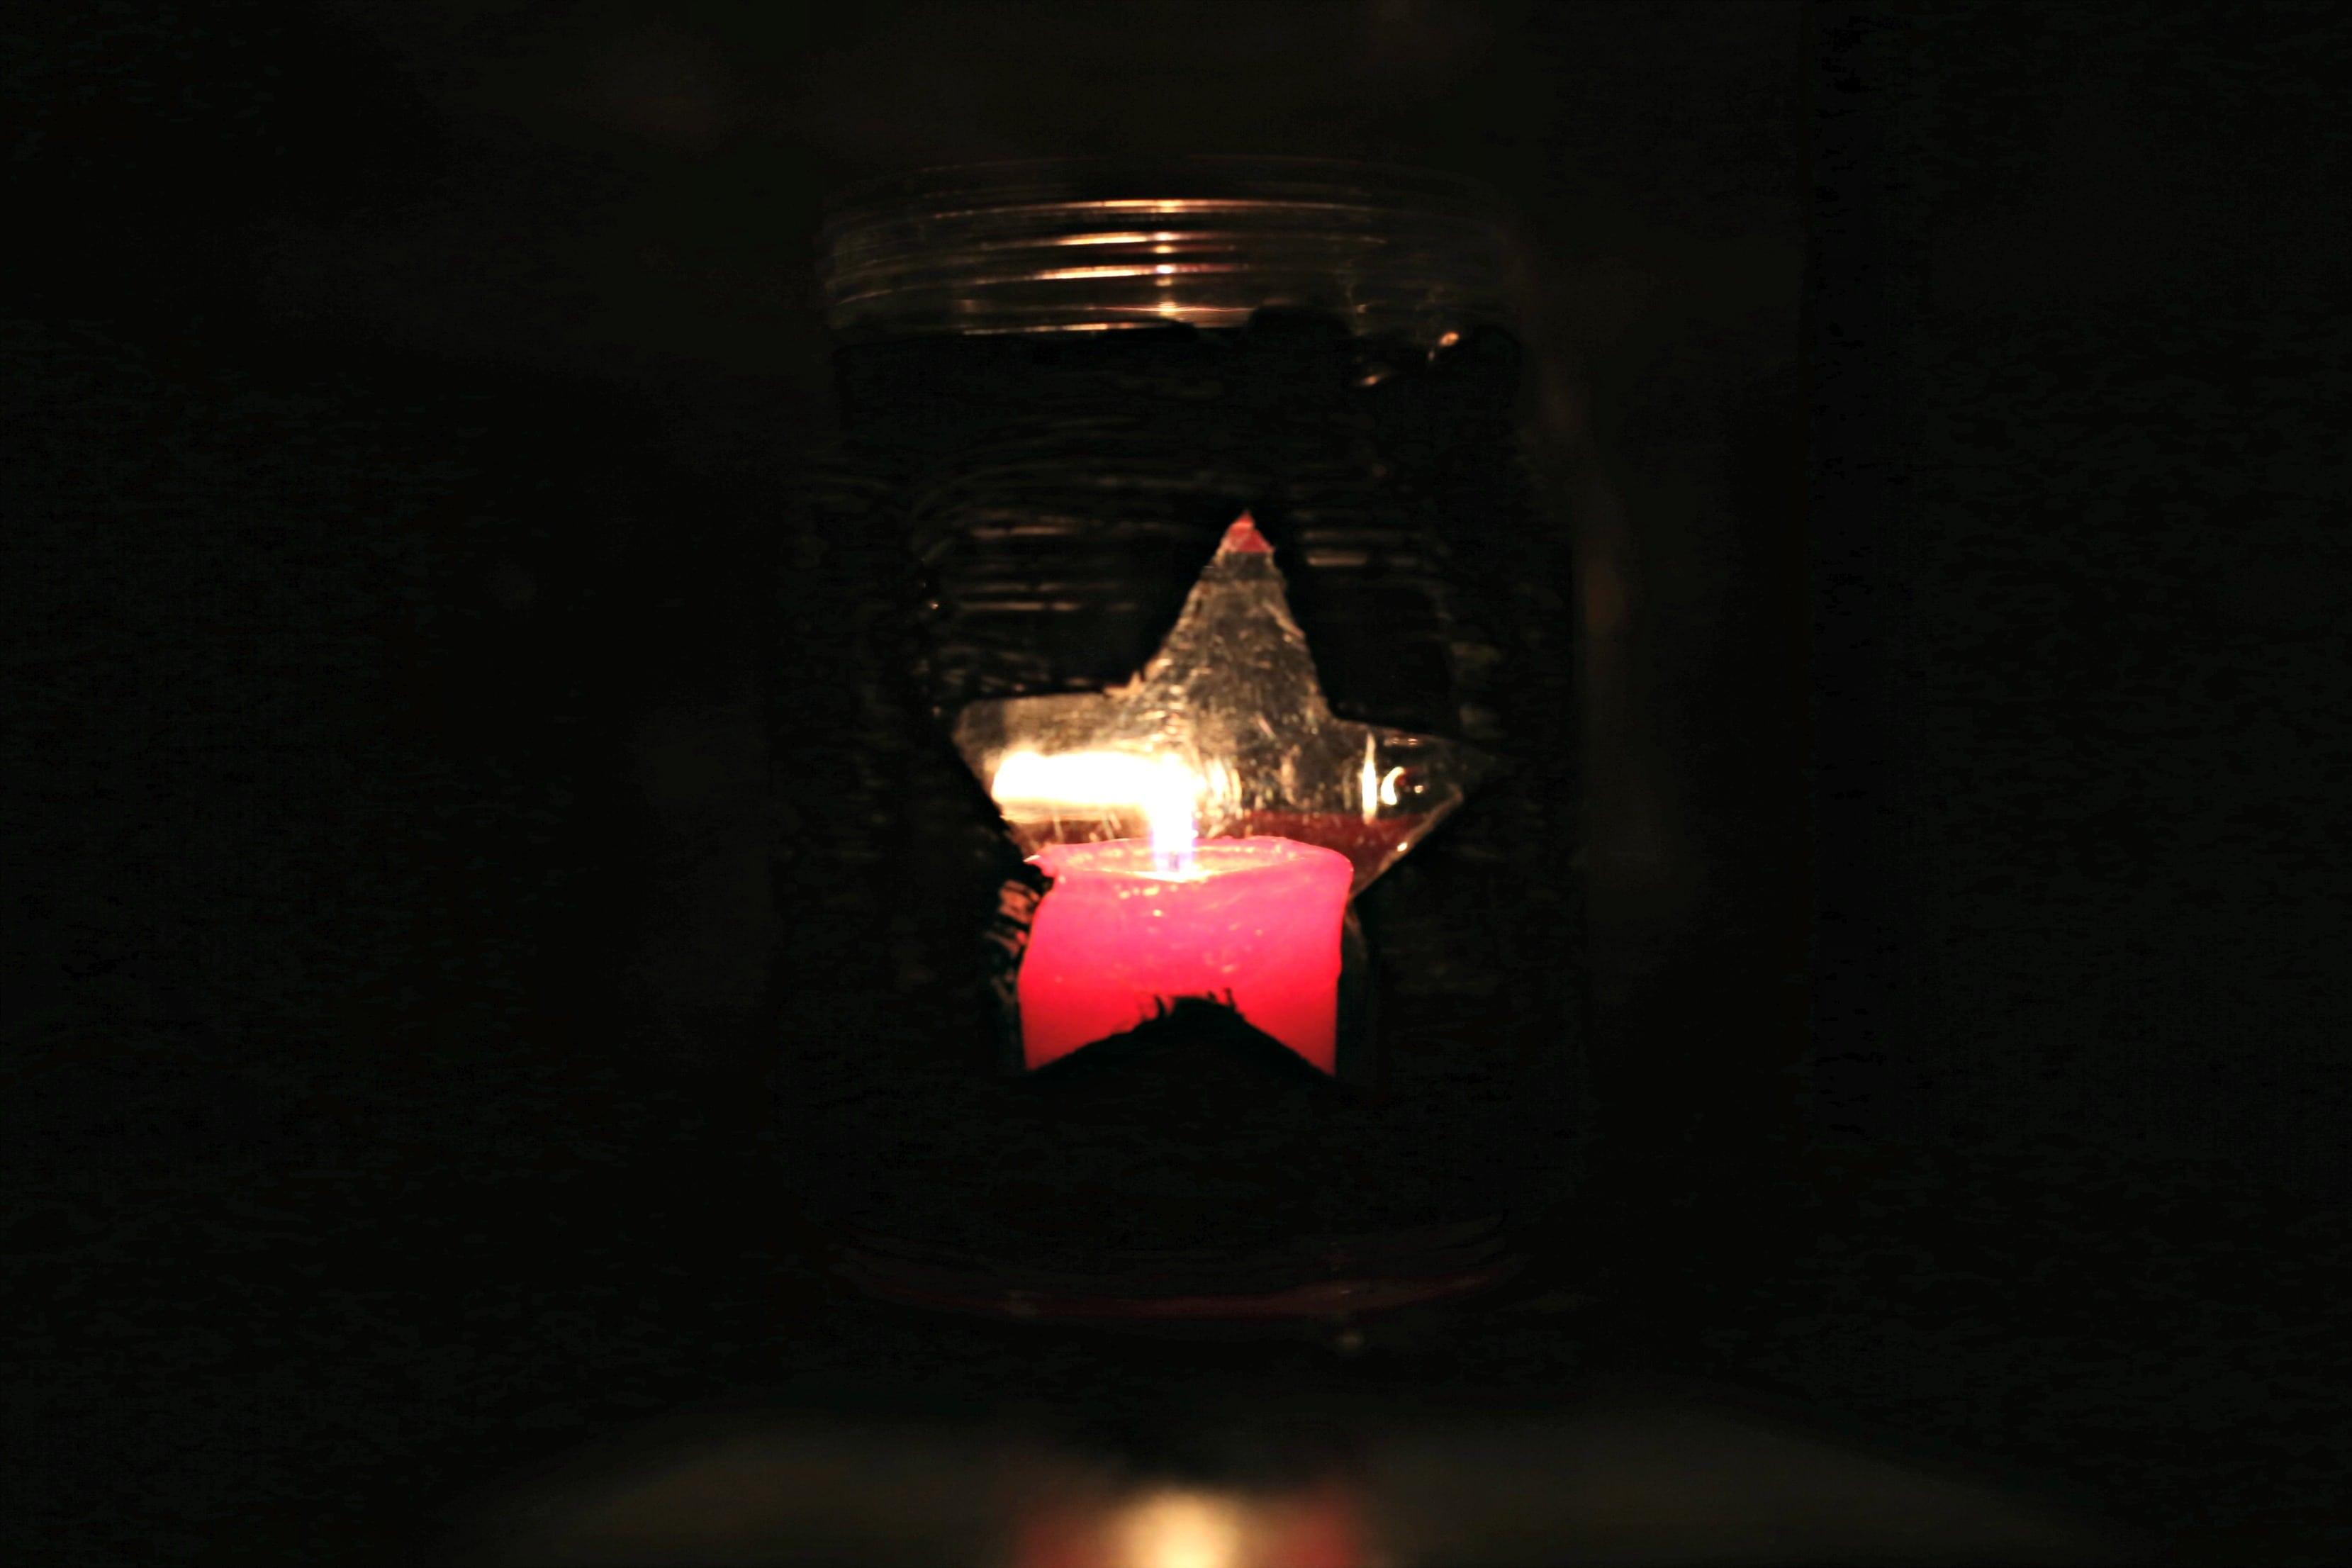 The Star Movie Mason Jar Craft - simplytodaylife.com